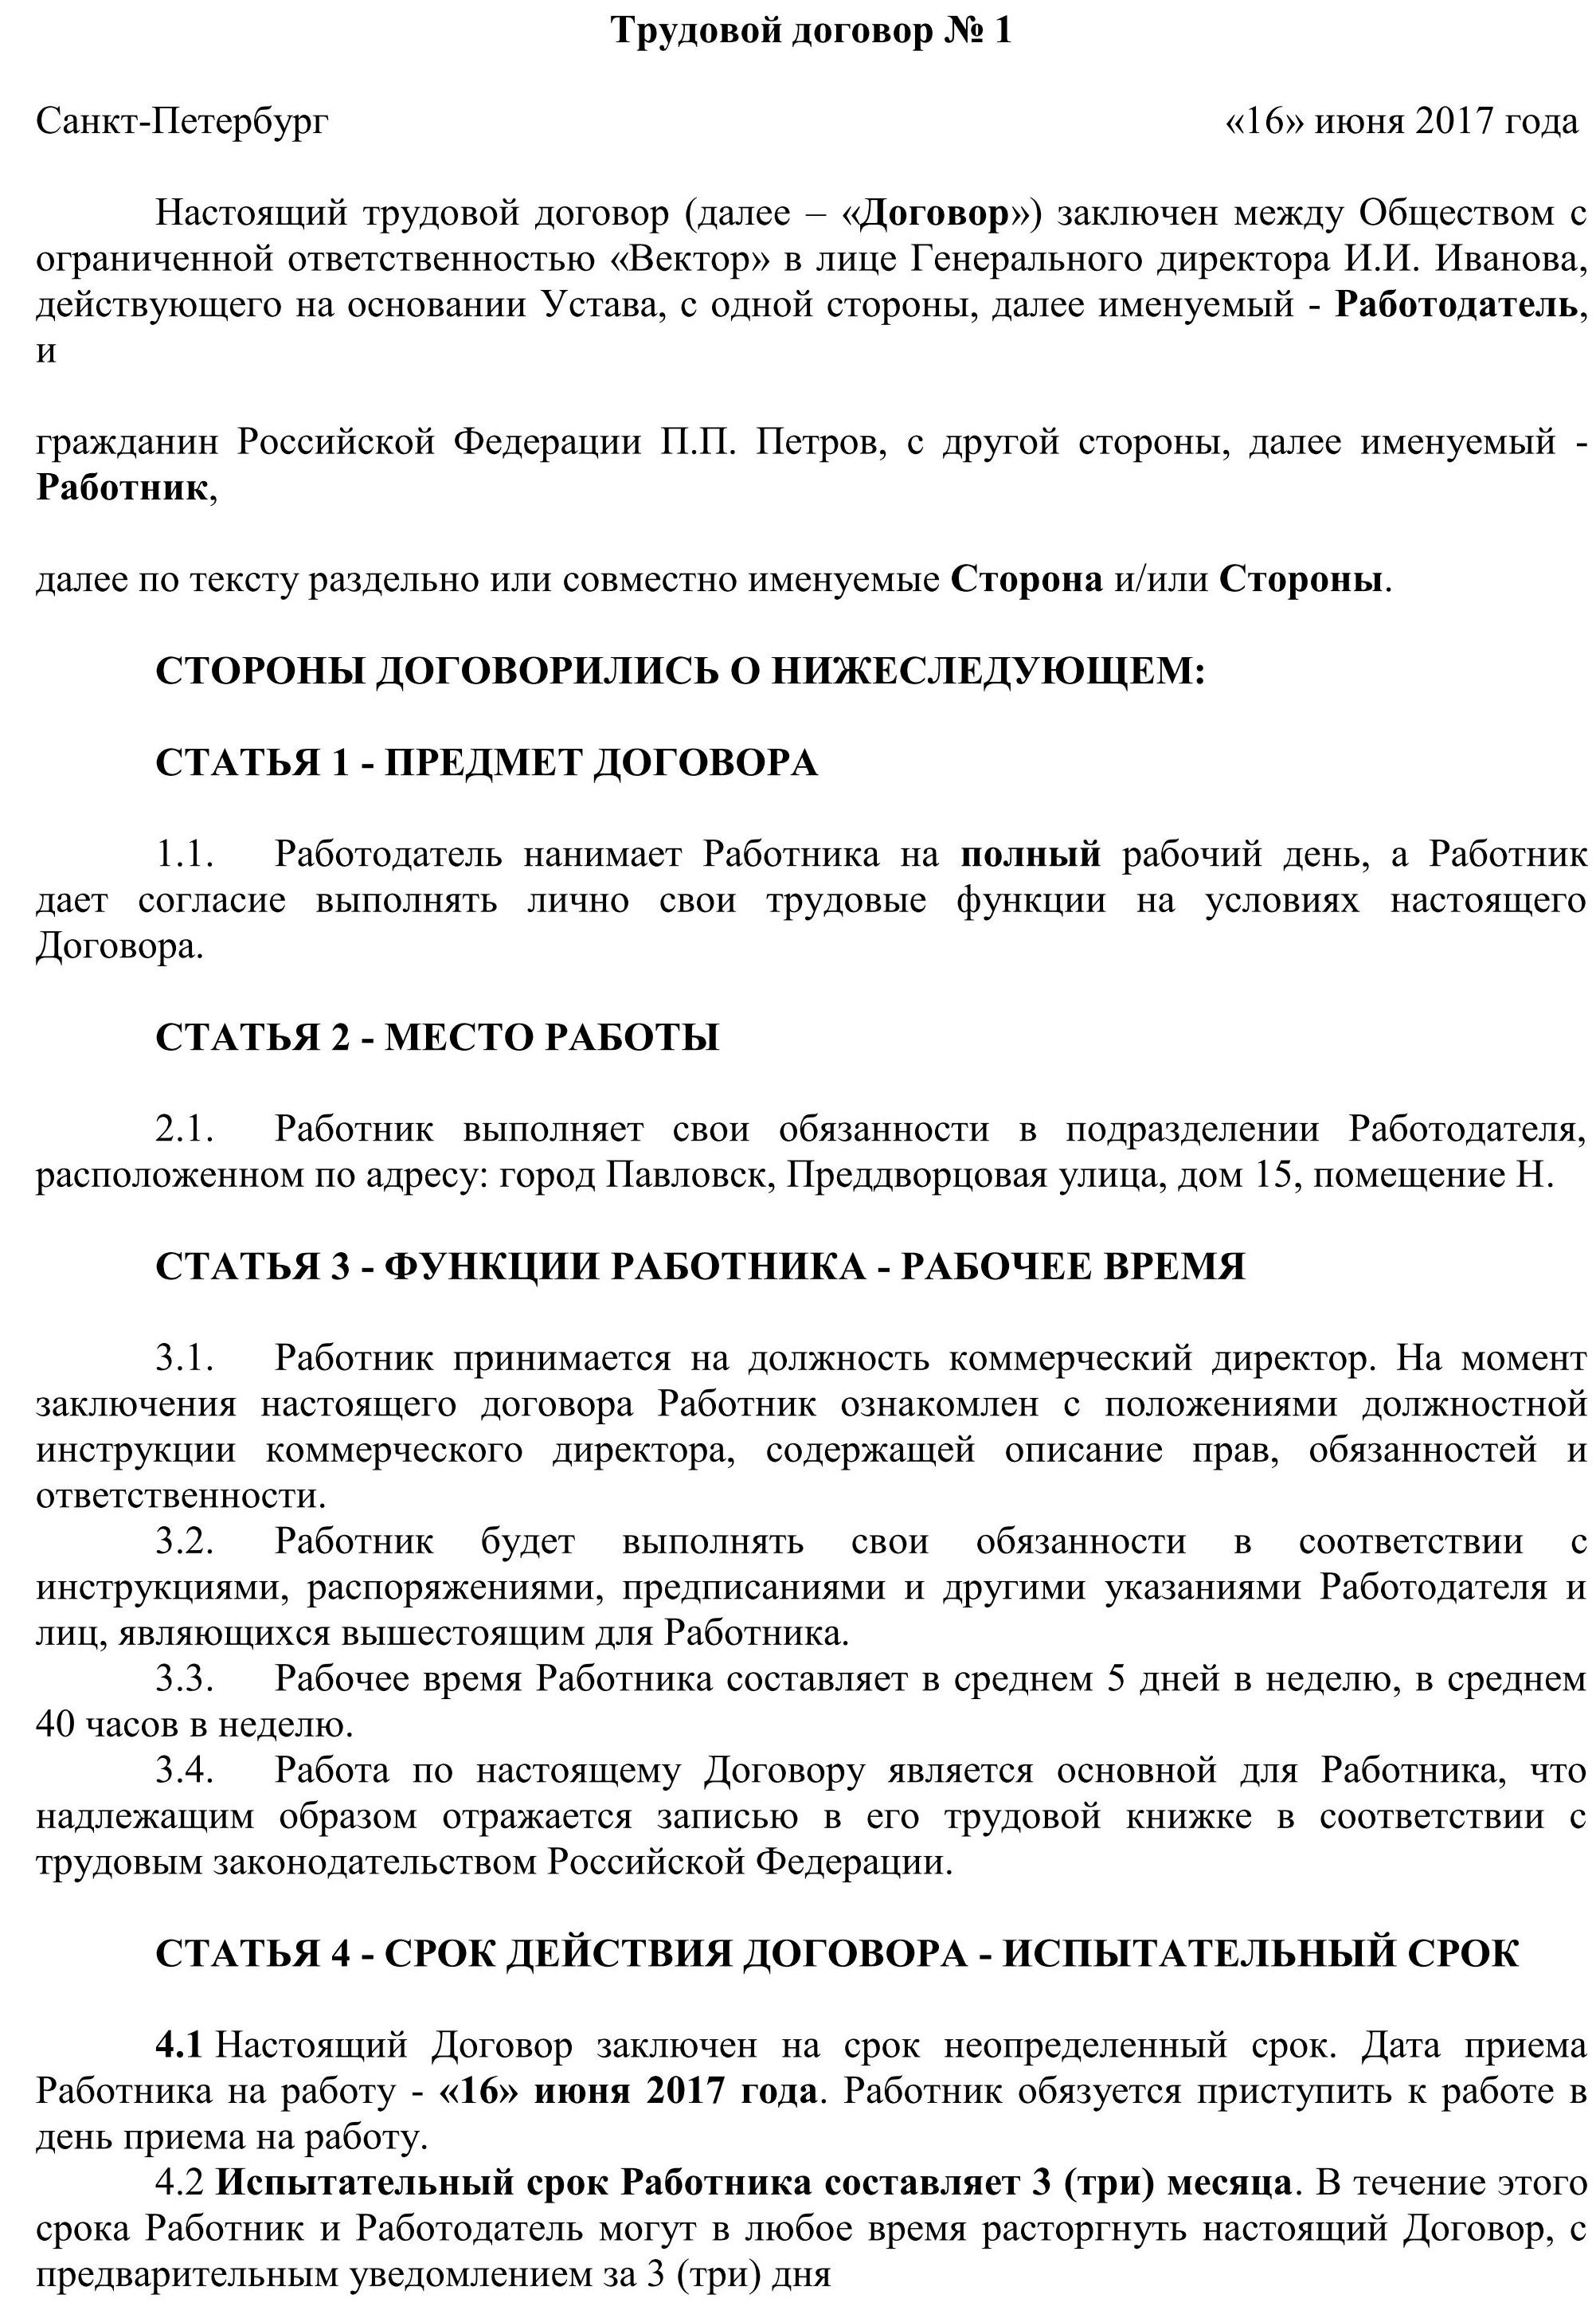 Трудовой договор коммерческого директора образец трудовой договор для фмс в москве Технопарк